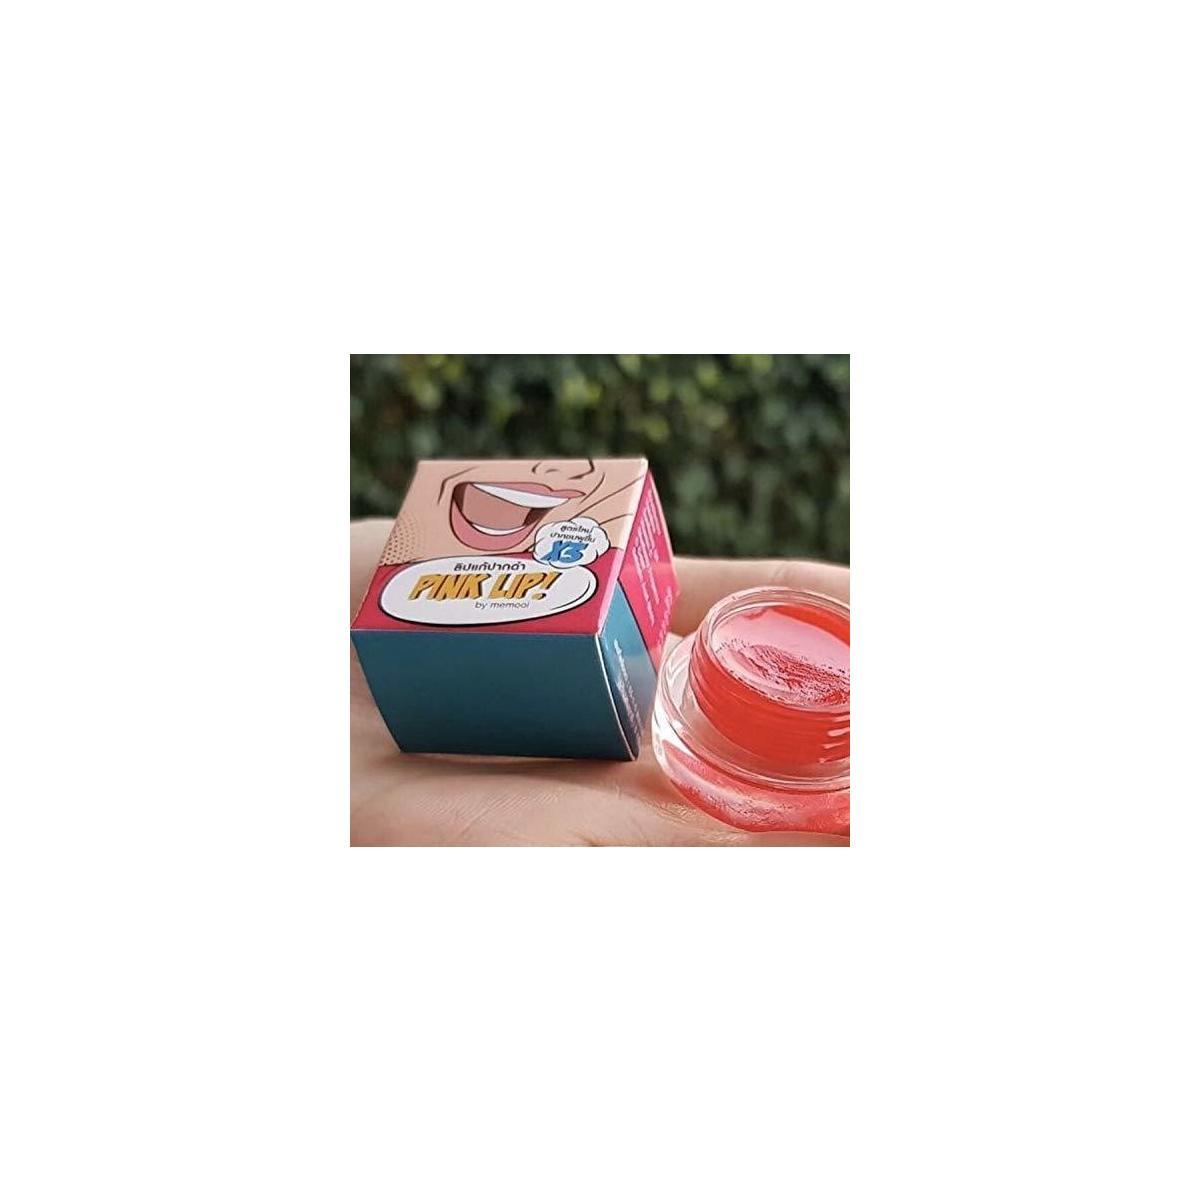 Set 2 Pcs Pink Lip Balm 5g & Lip Scrub 3g Vitamin C, E Sunflower Oil Strawberry Flavor